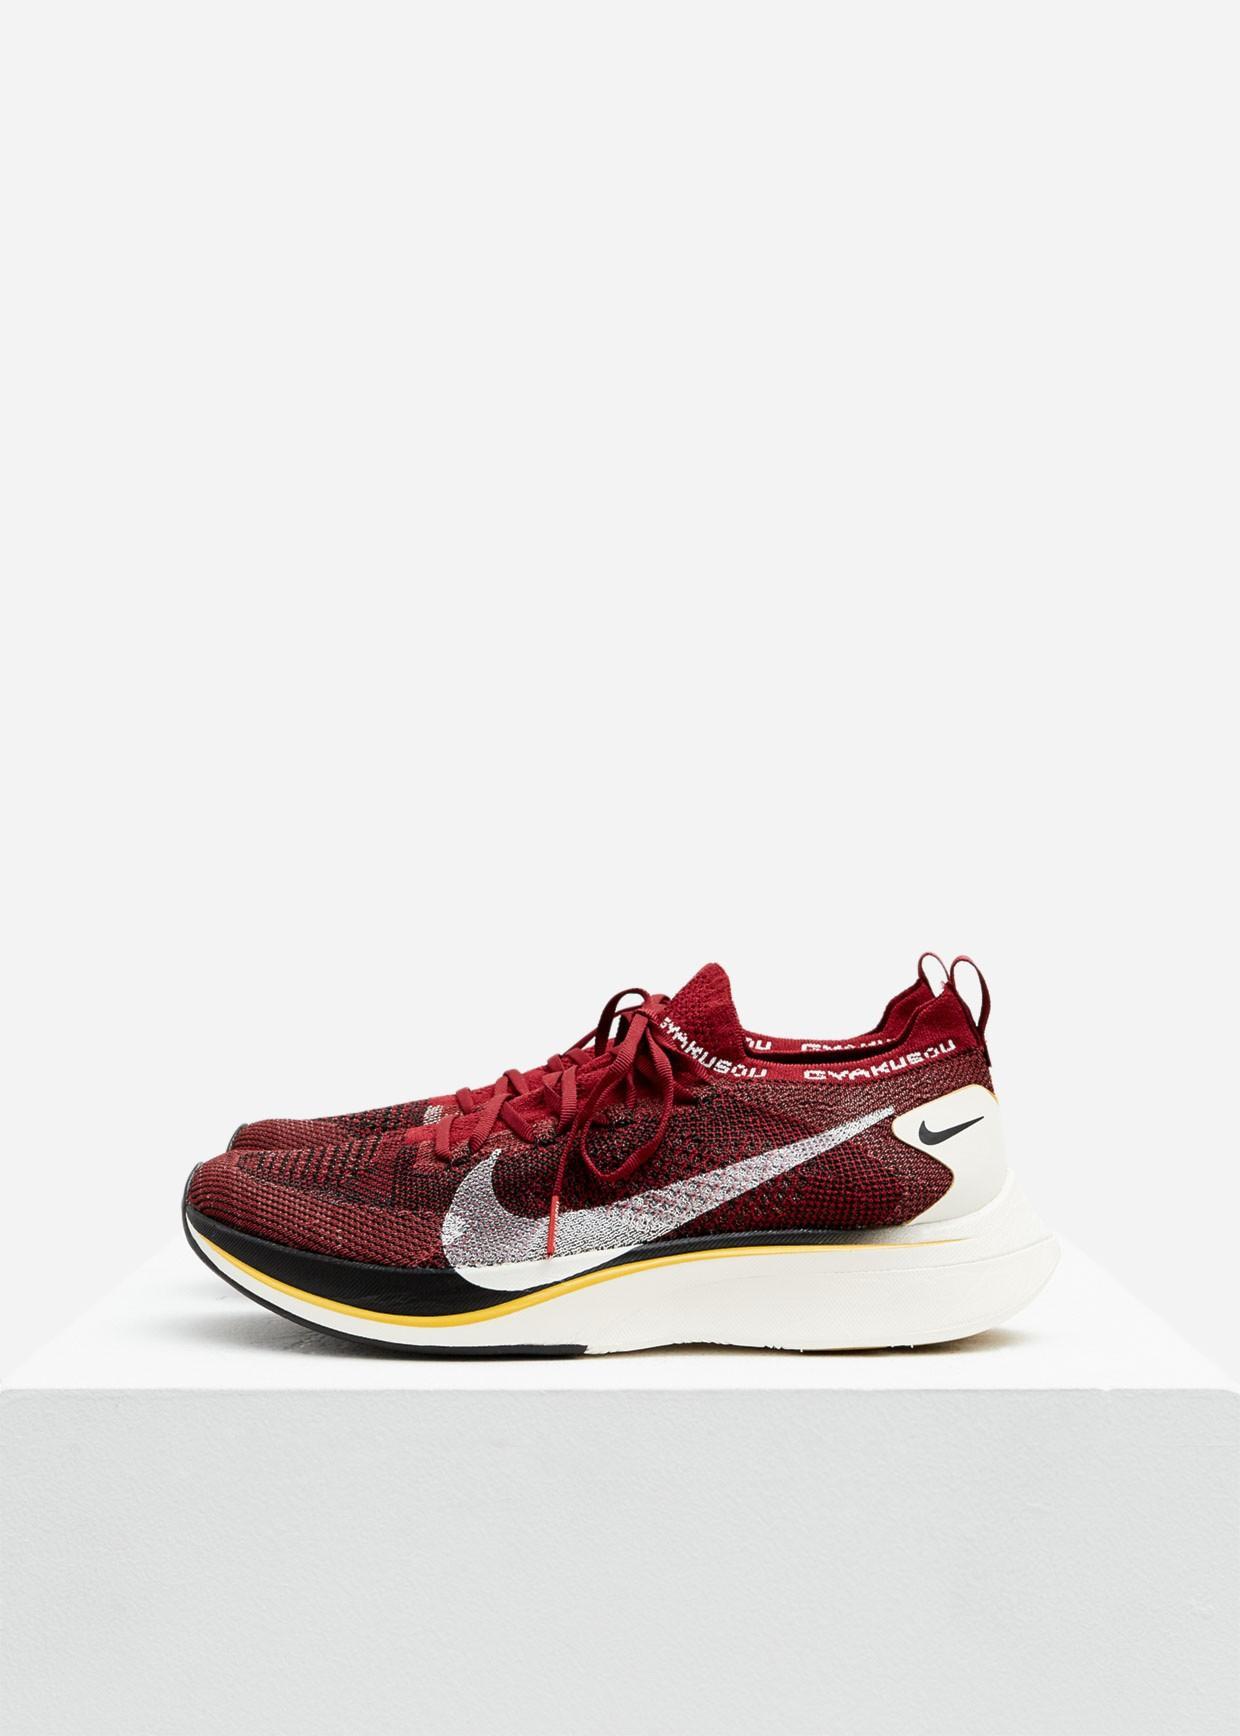 a34b35645da83 Lyst - Nike Gyakusou Vaporfly 4% Flyknit Sneaker in Red for Men